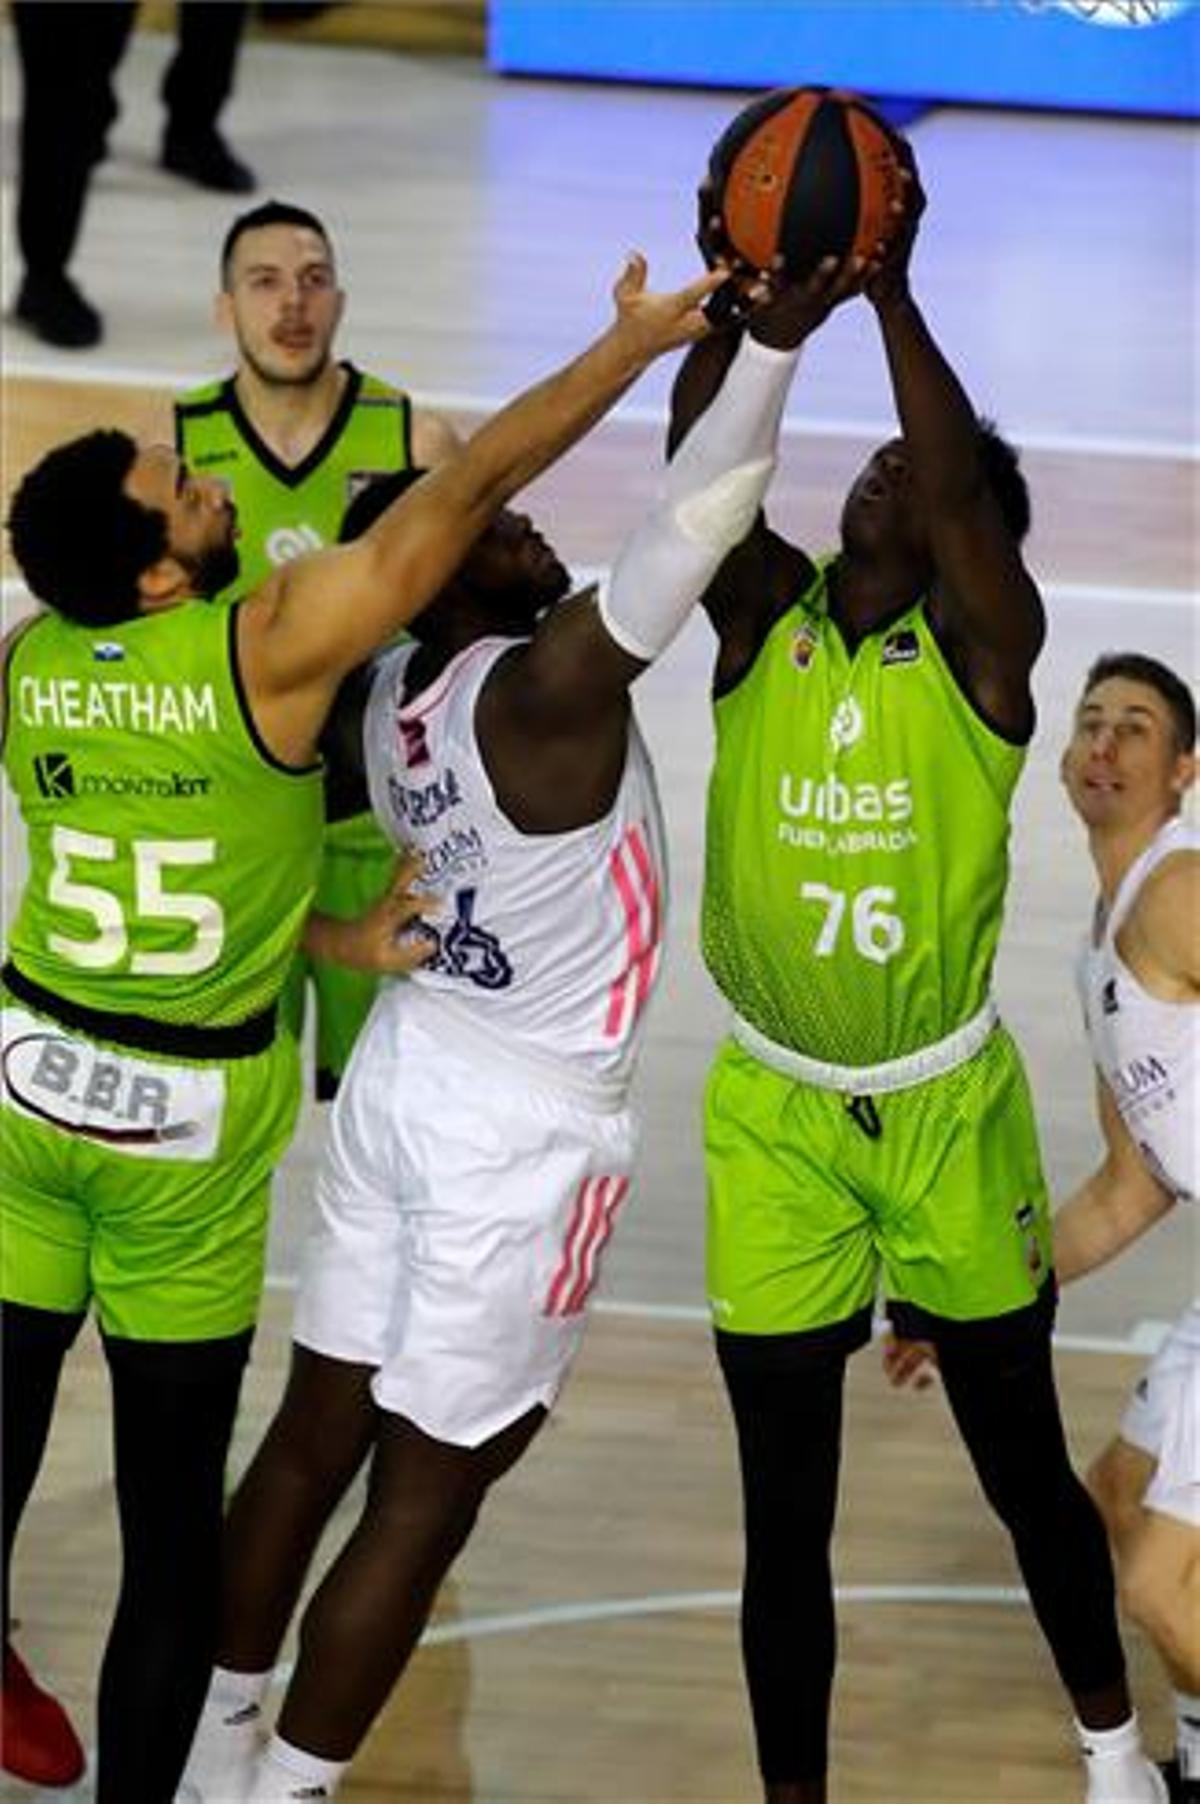 El joven Bagayoko disputa el rebote con Garuba, otra de las promesas del baloncesto madrileño.